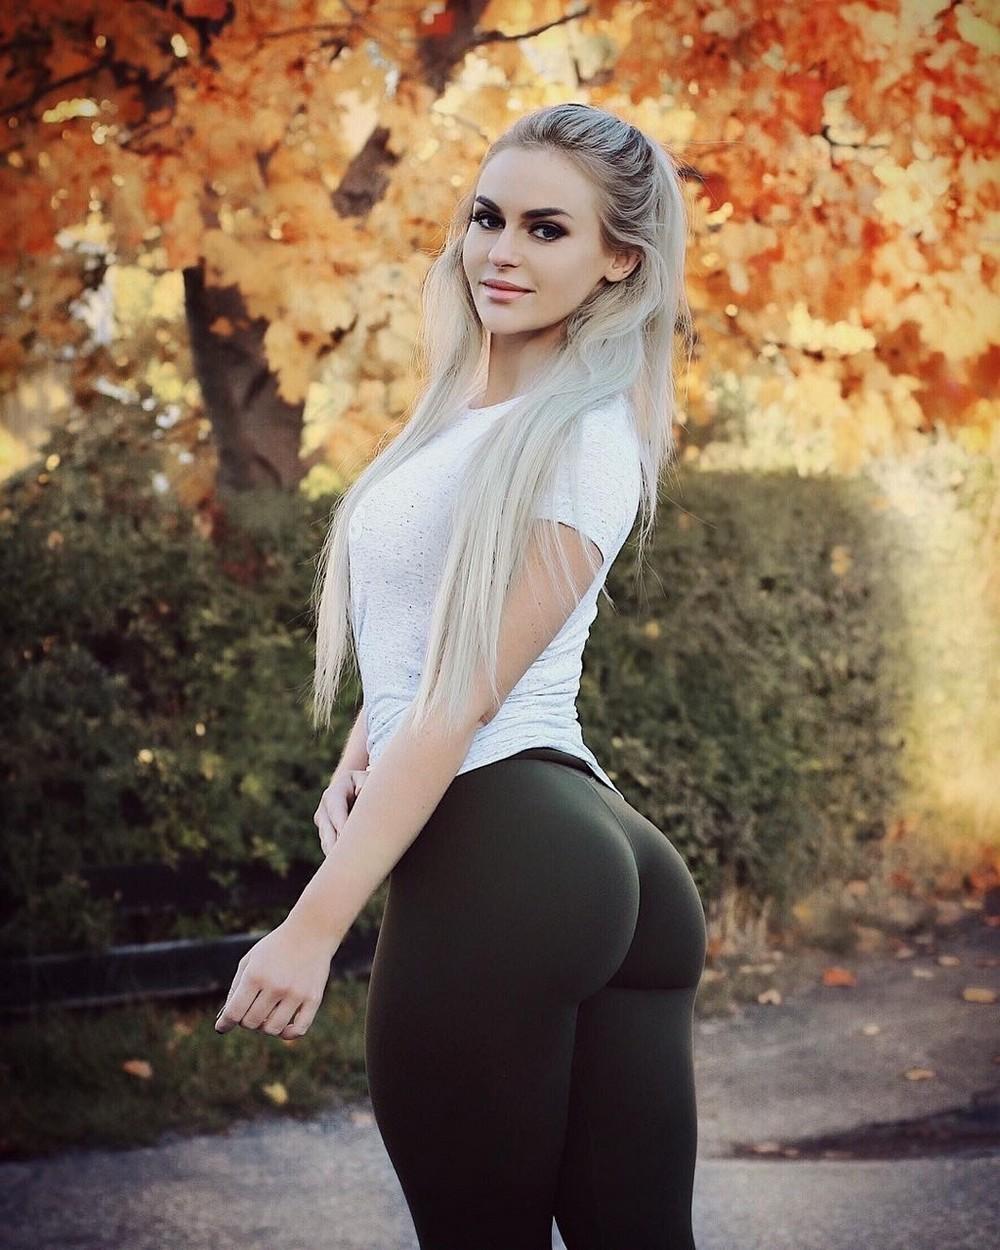 Красивые девушки в обтягивающих штанишках картинки